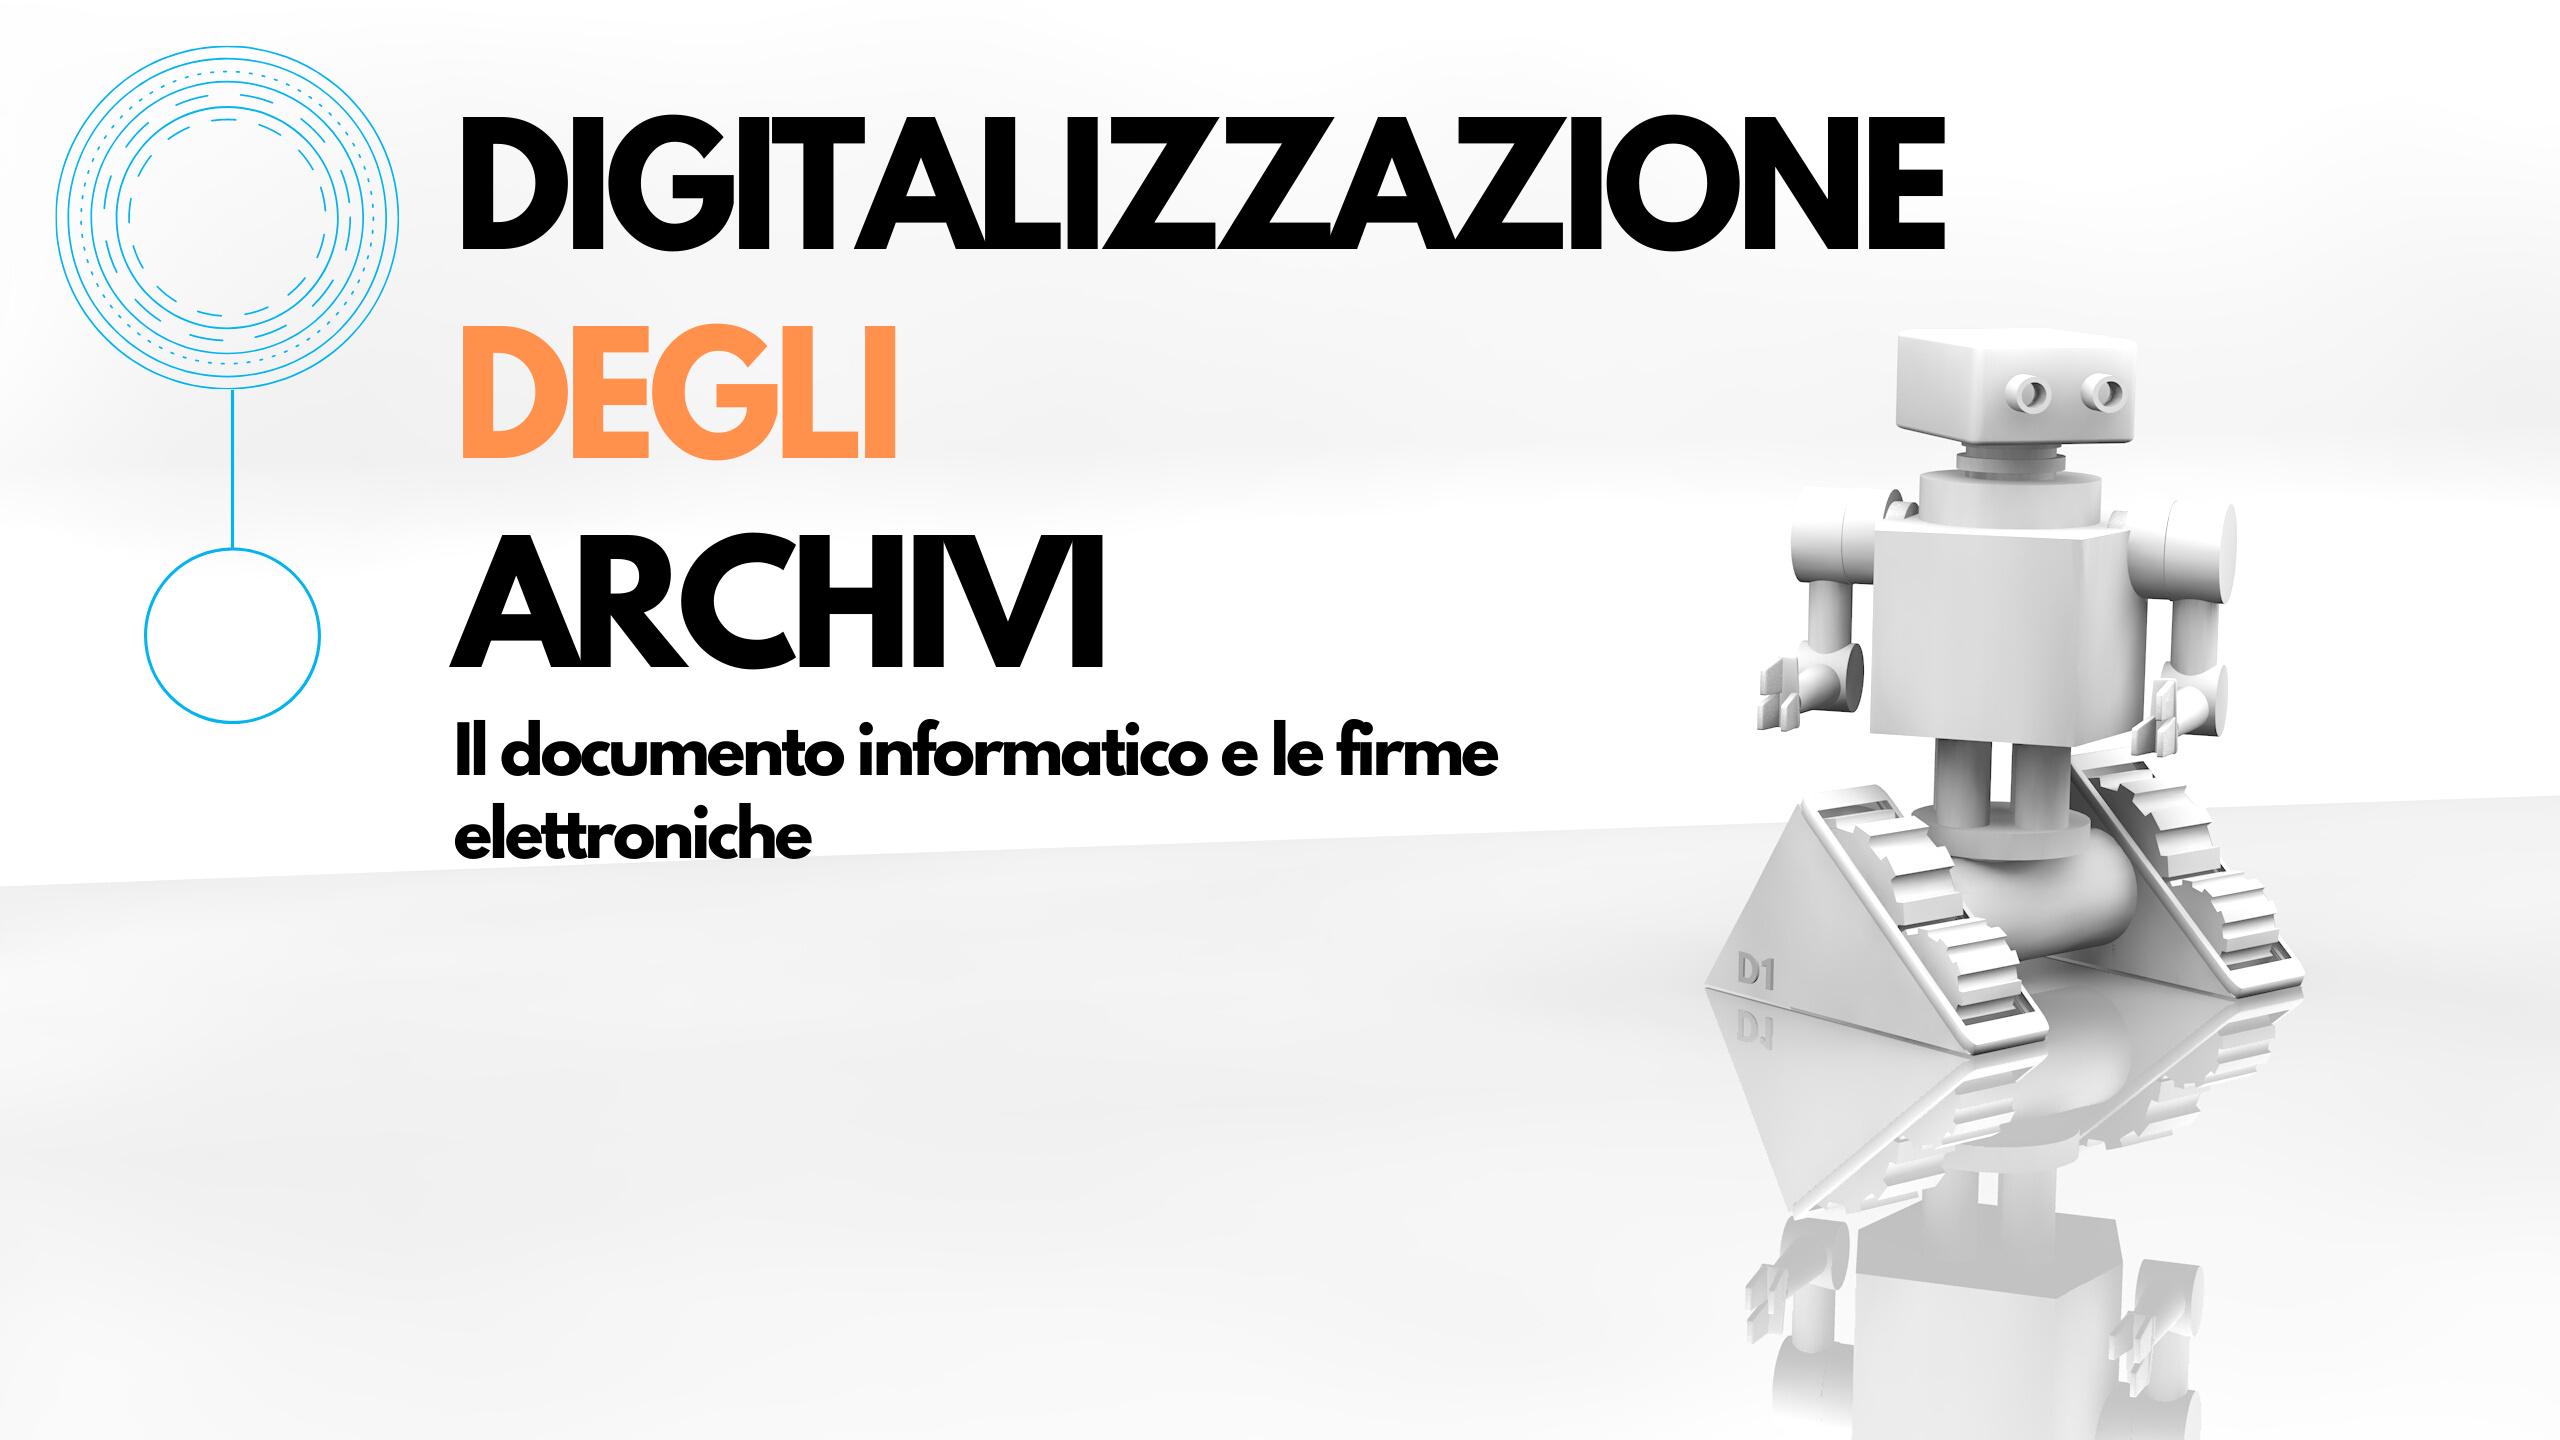 Mastercourse ANORC 2020  - Il documento informatico e le firme elettroniche - Ing. Giovanni Manca e Dott. Stefano Arbia